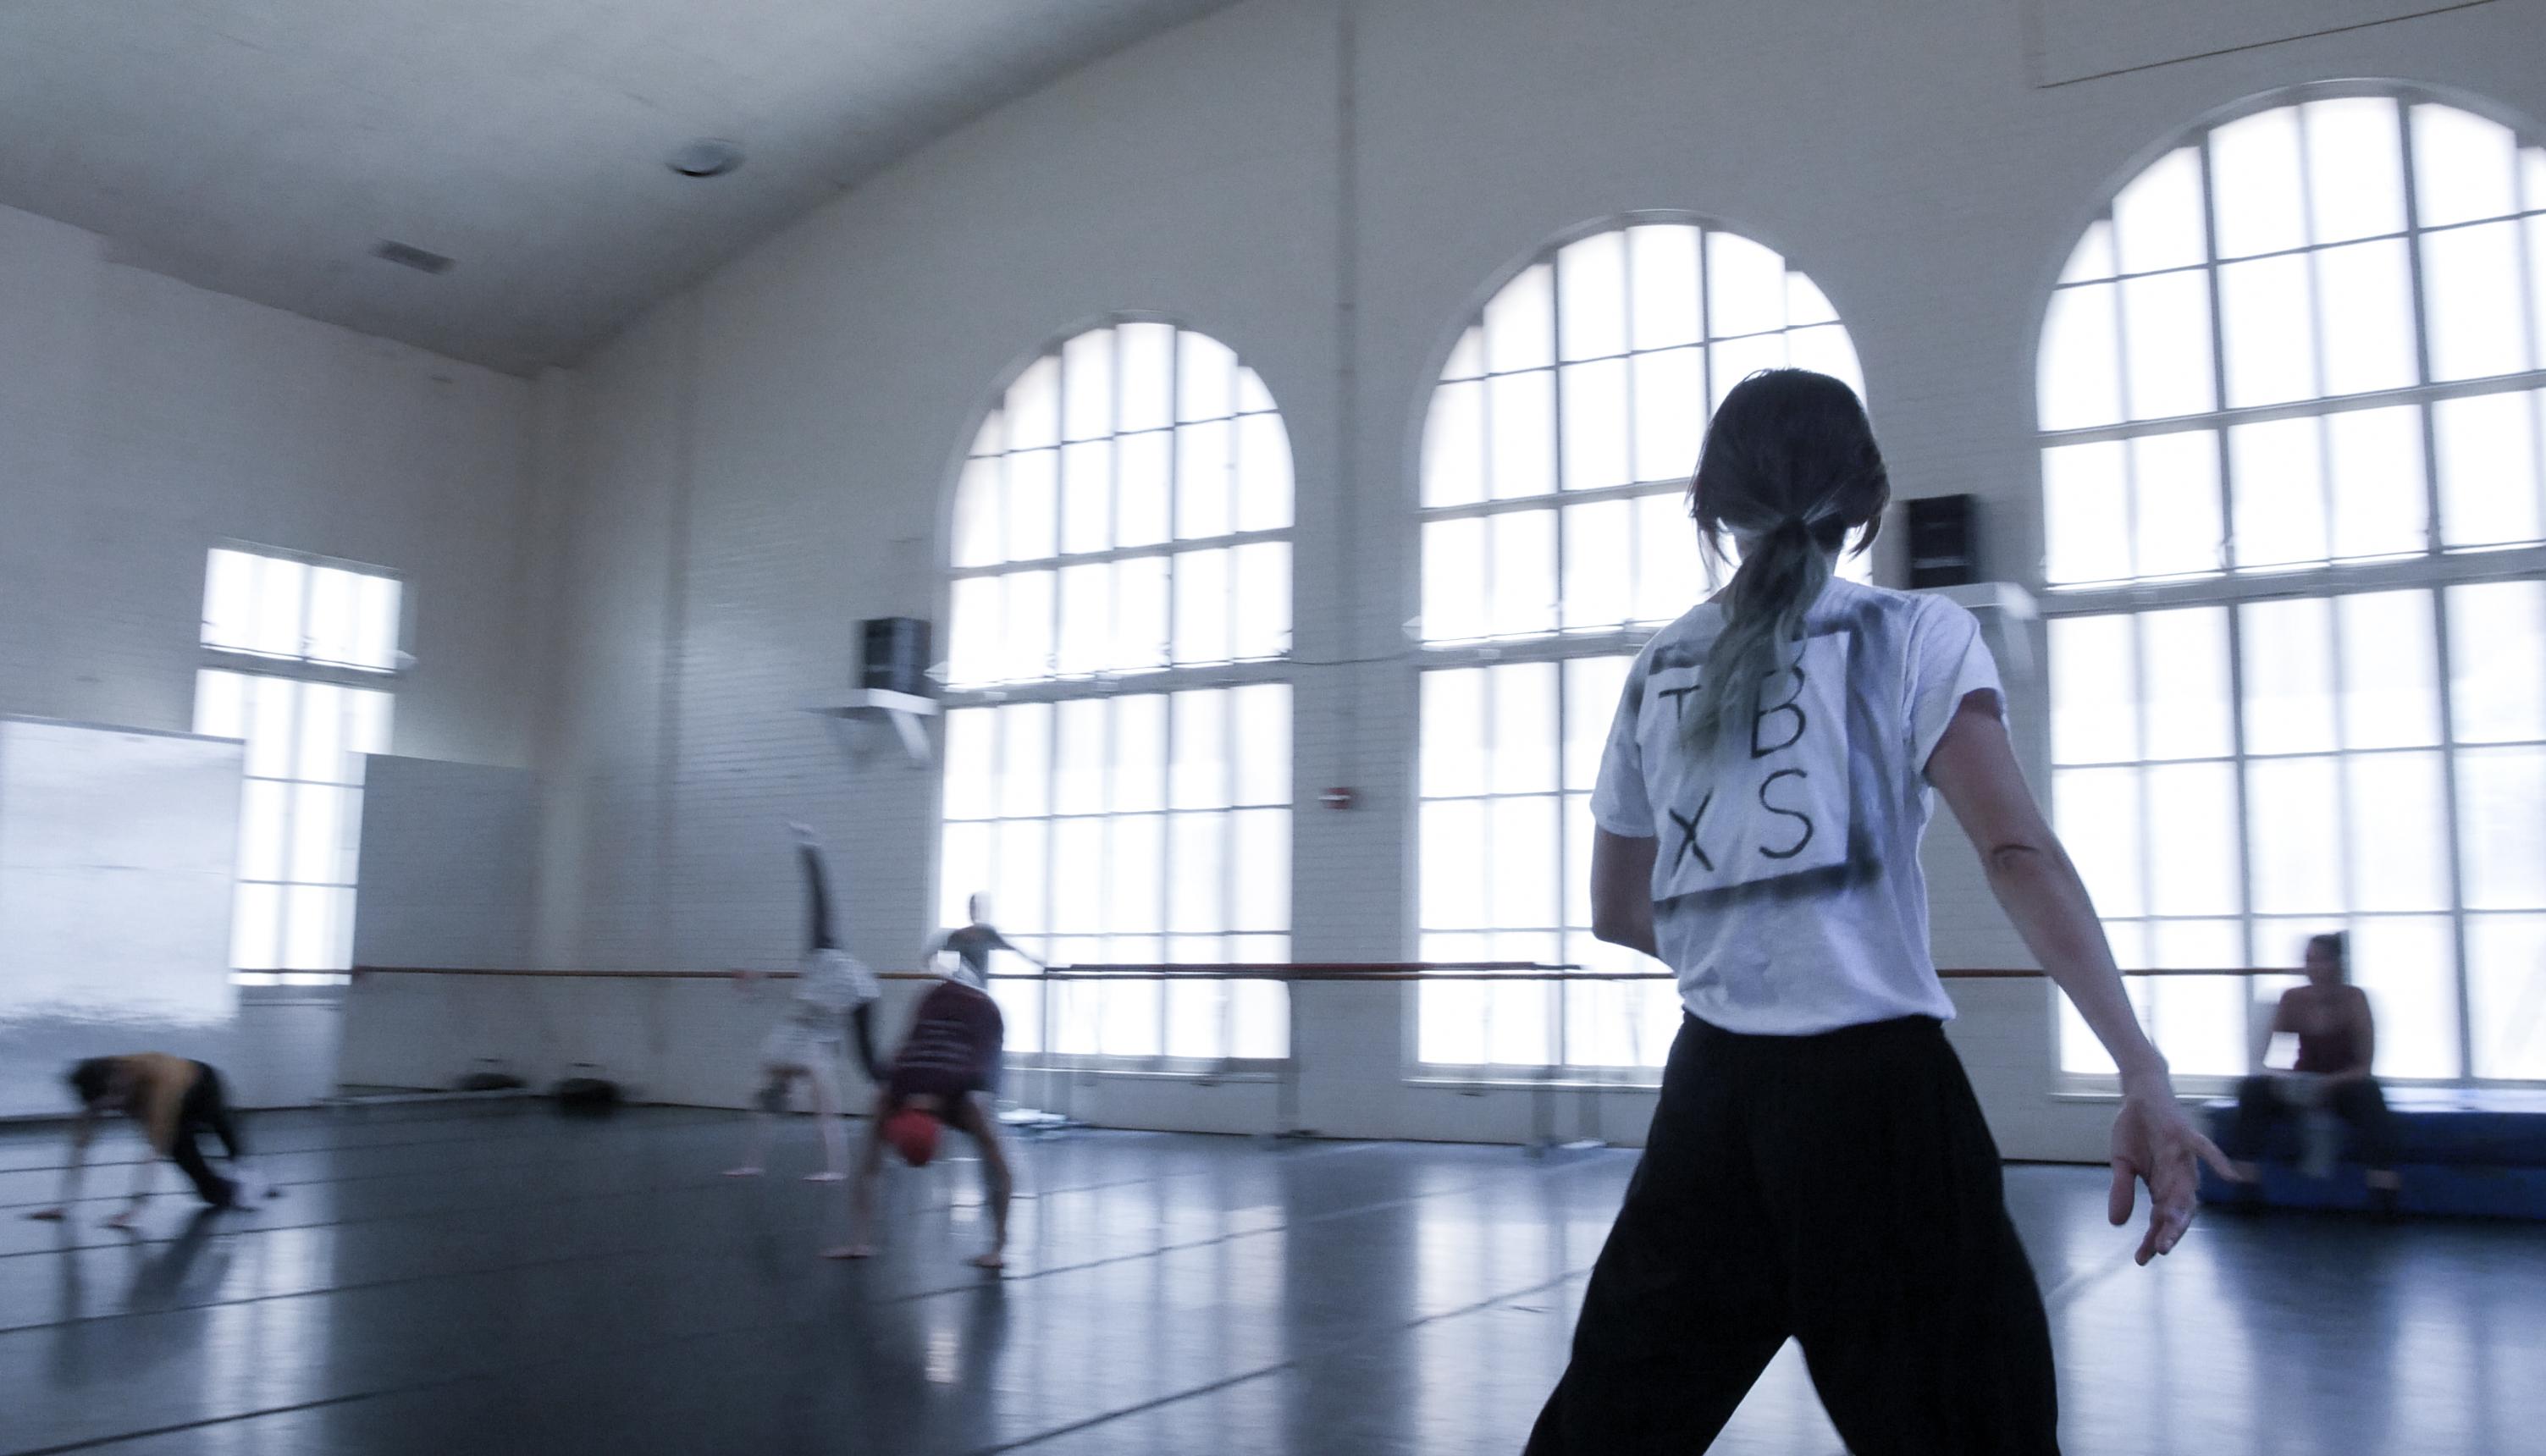 Kira 2 (1 of 1)